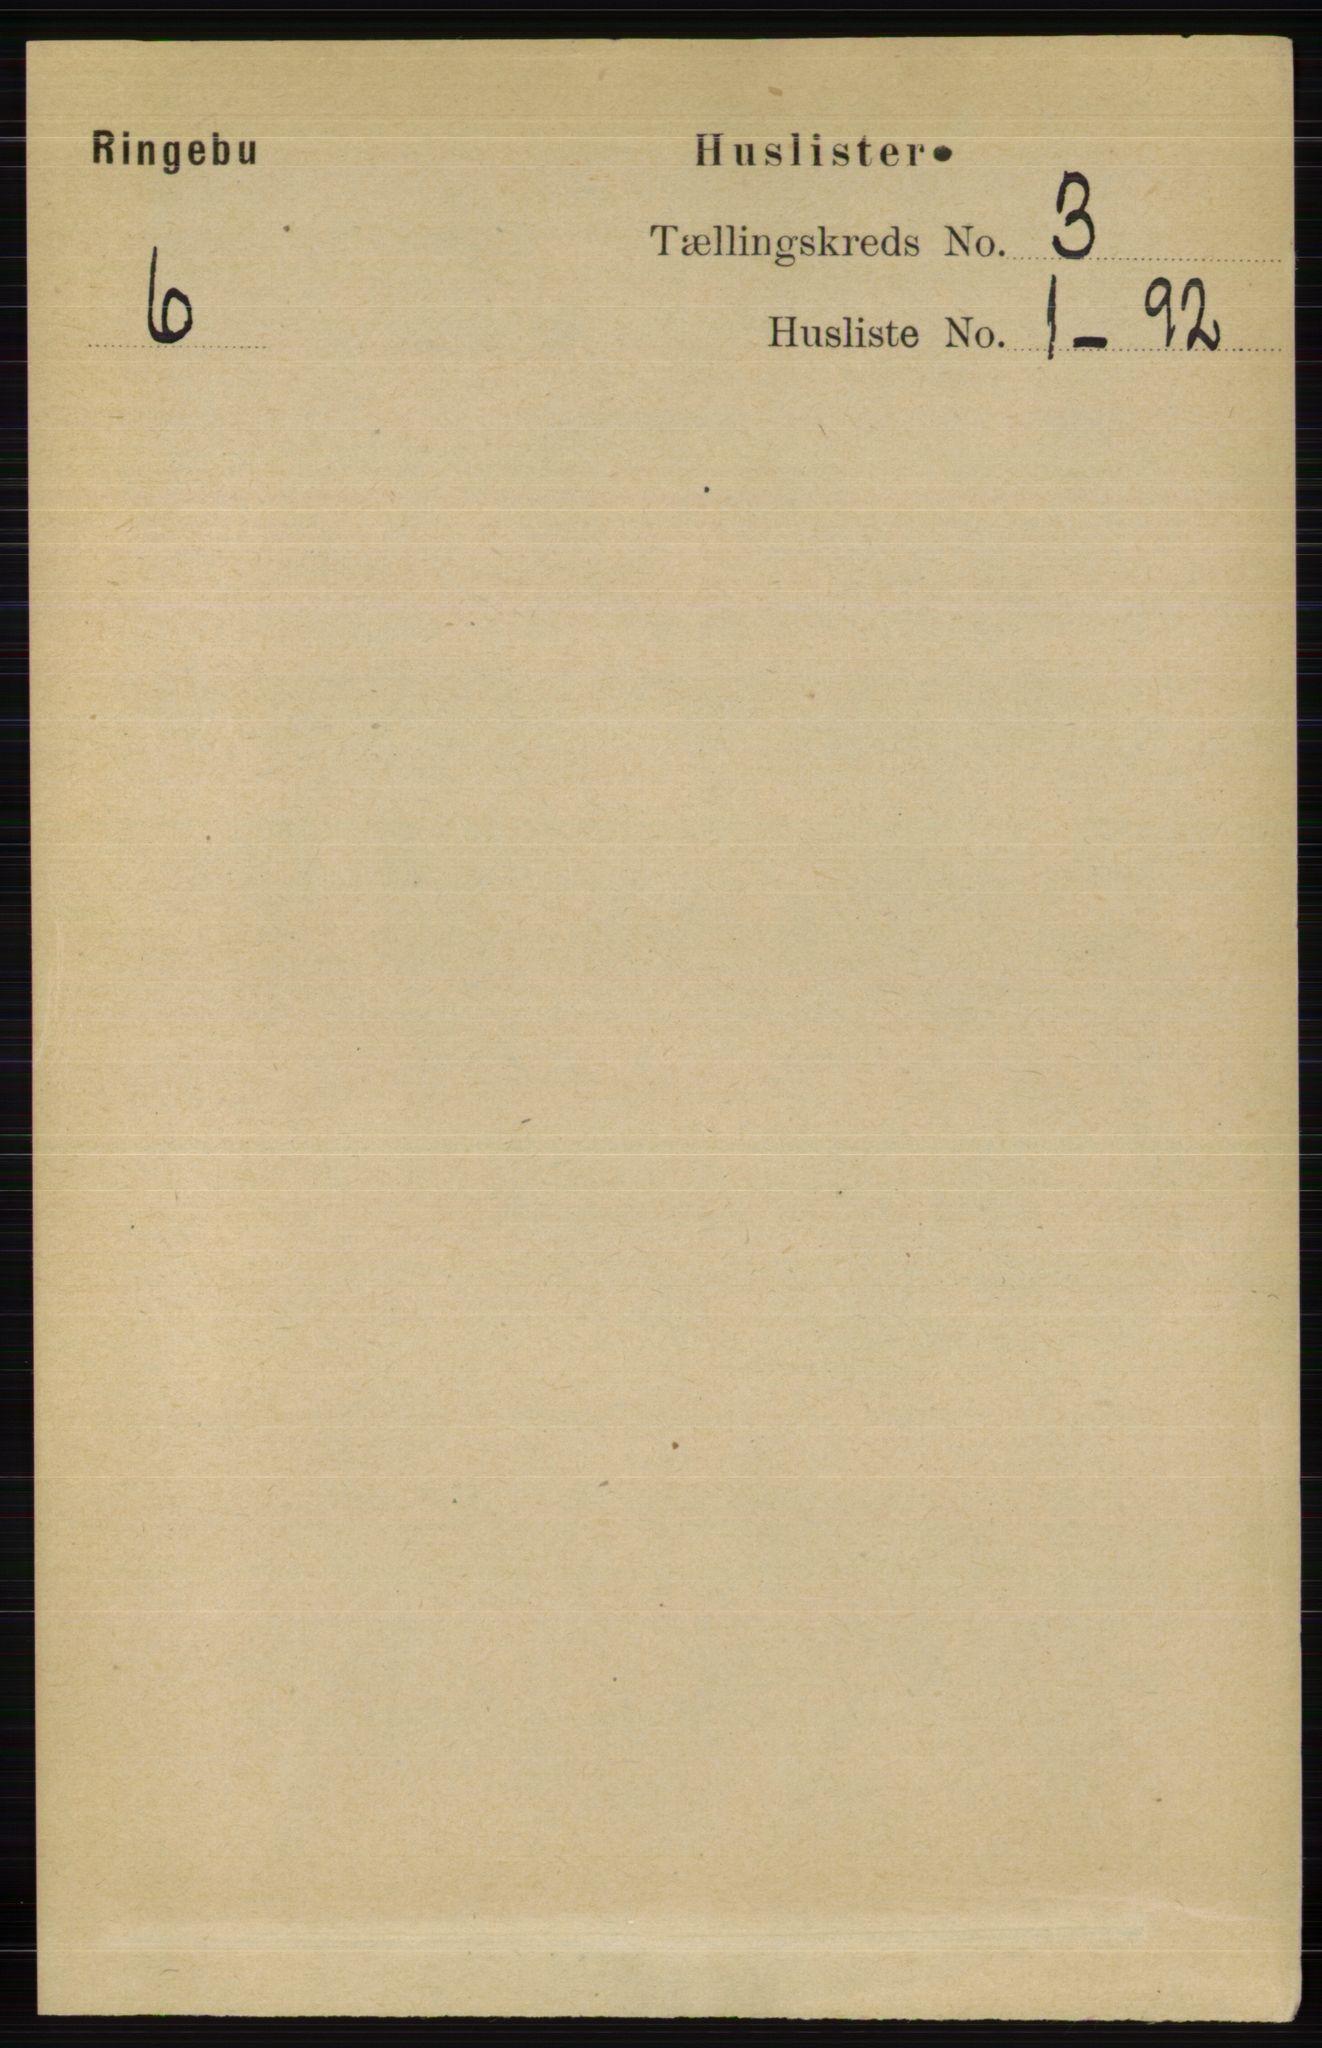 RA, Folketelling 1891 for 0520 Ringebu herred, 1891, s. 626